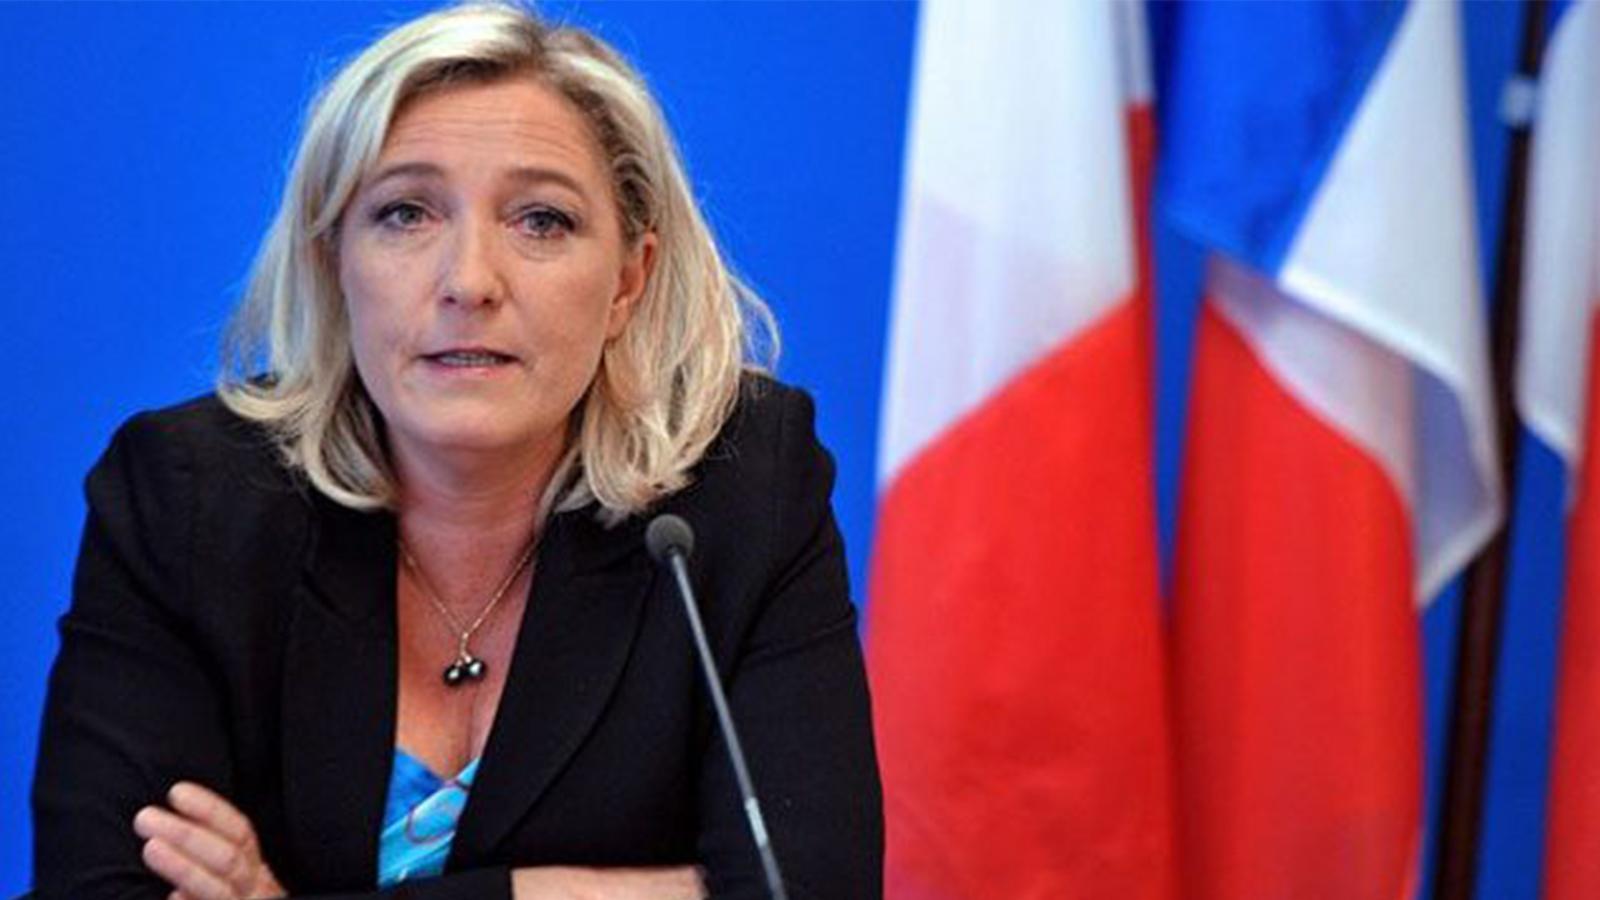 Aşırı sağcı muhalefet lideri Le Pen'den 'başörtüsü yasaklansın' çağrısı